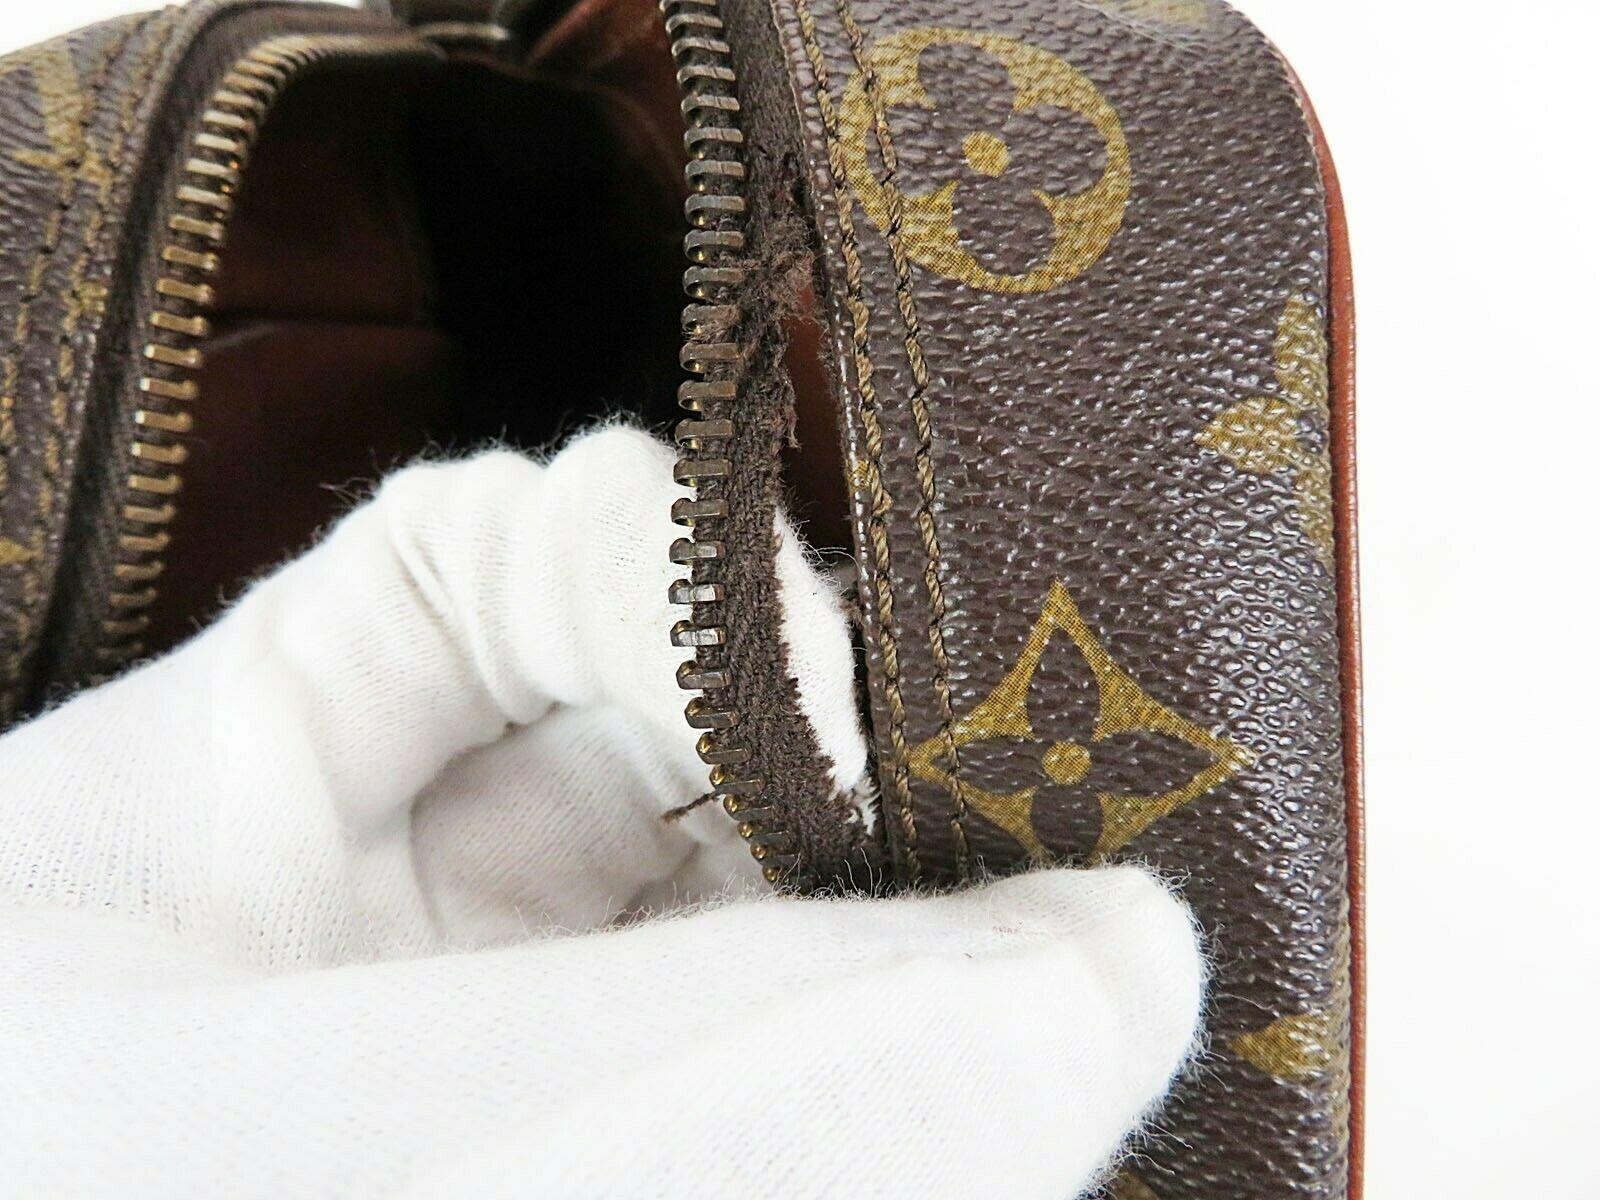 Auth VTG LOUIS VUITTON Marceau Monogram Messenger Shoulder Bag #34998 image 9